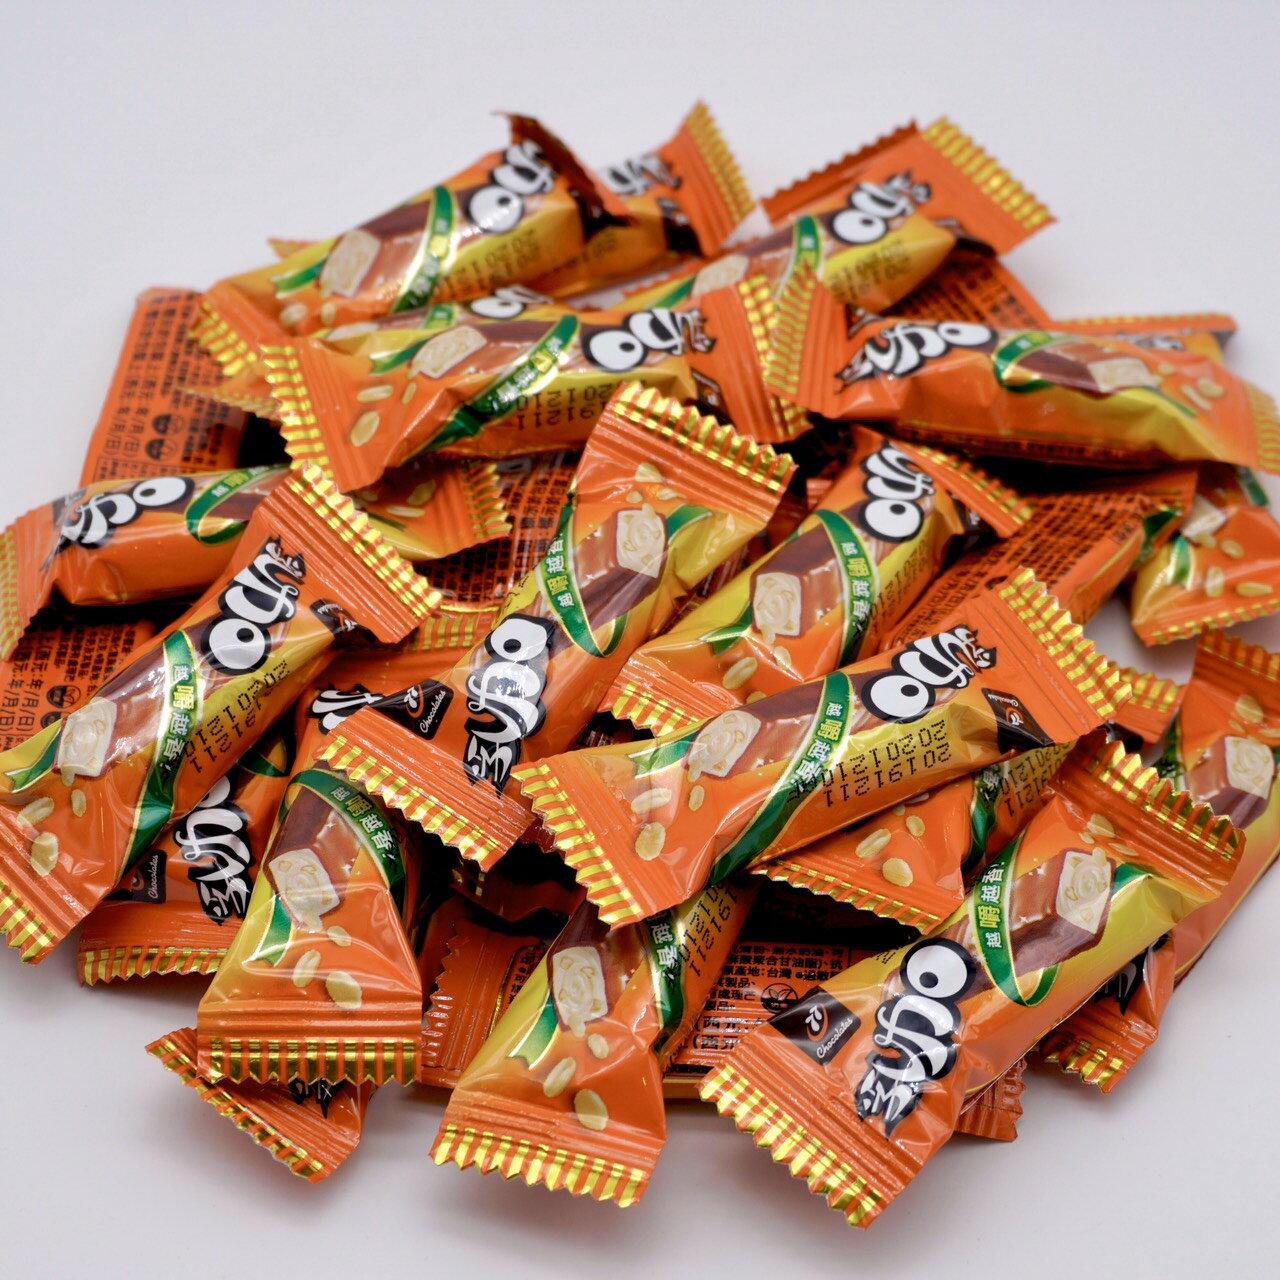 嘴甜甜 七七乳加巧克力 200公克 巧克力系列 糖果 軟糖 巧克力 77乳加 迷你乳加 素食 現貨